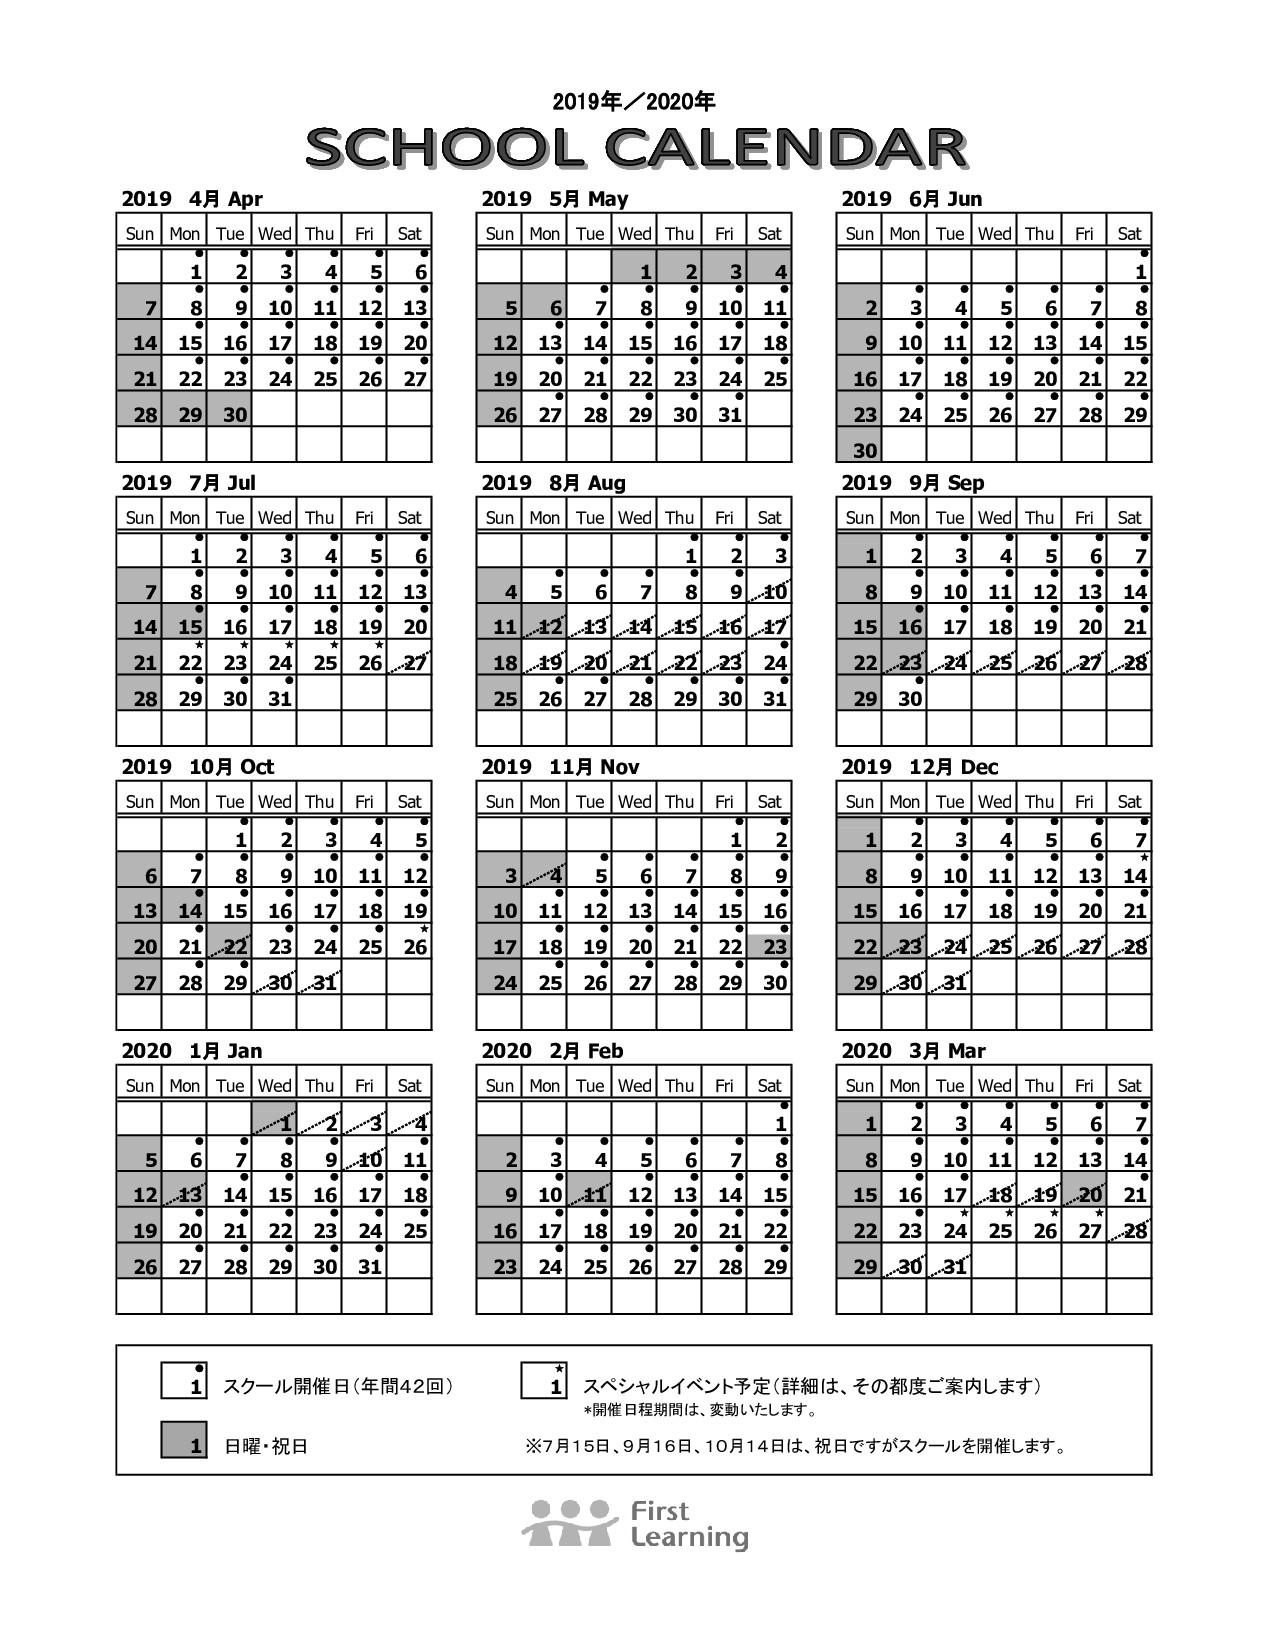 スクールカレンダー 【2019年度】大泉学園-2019年度最終版